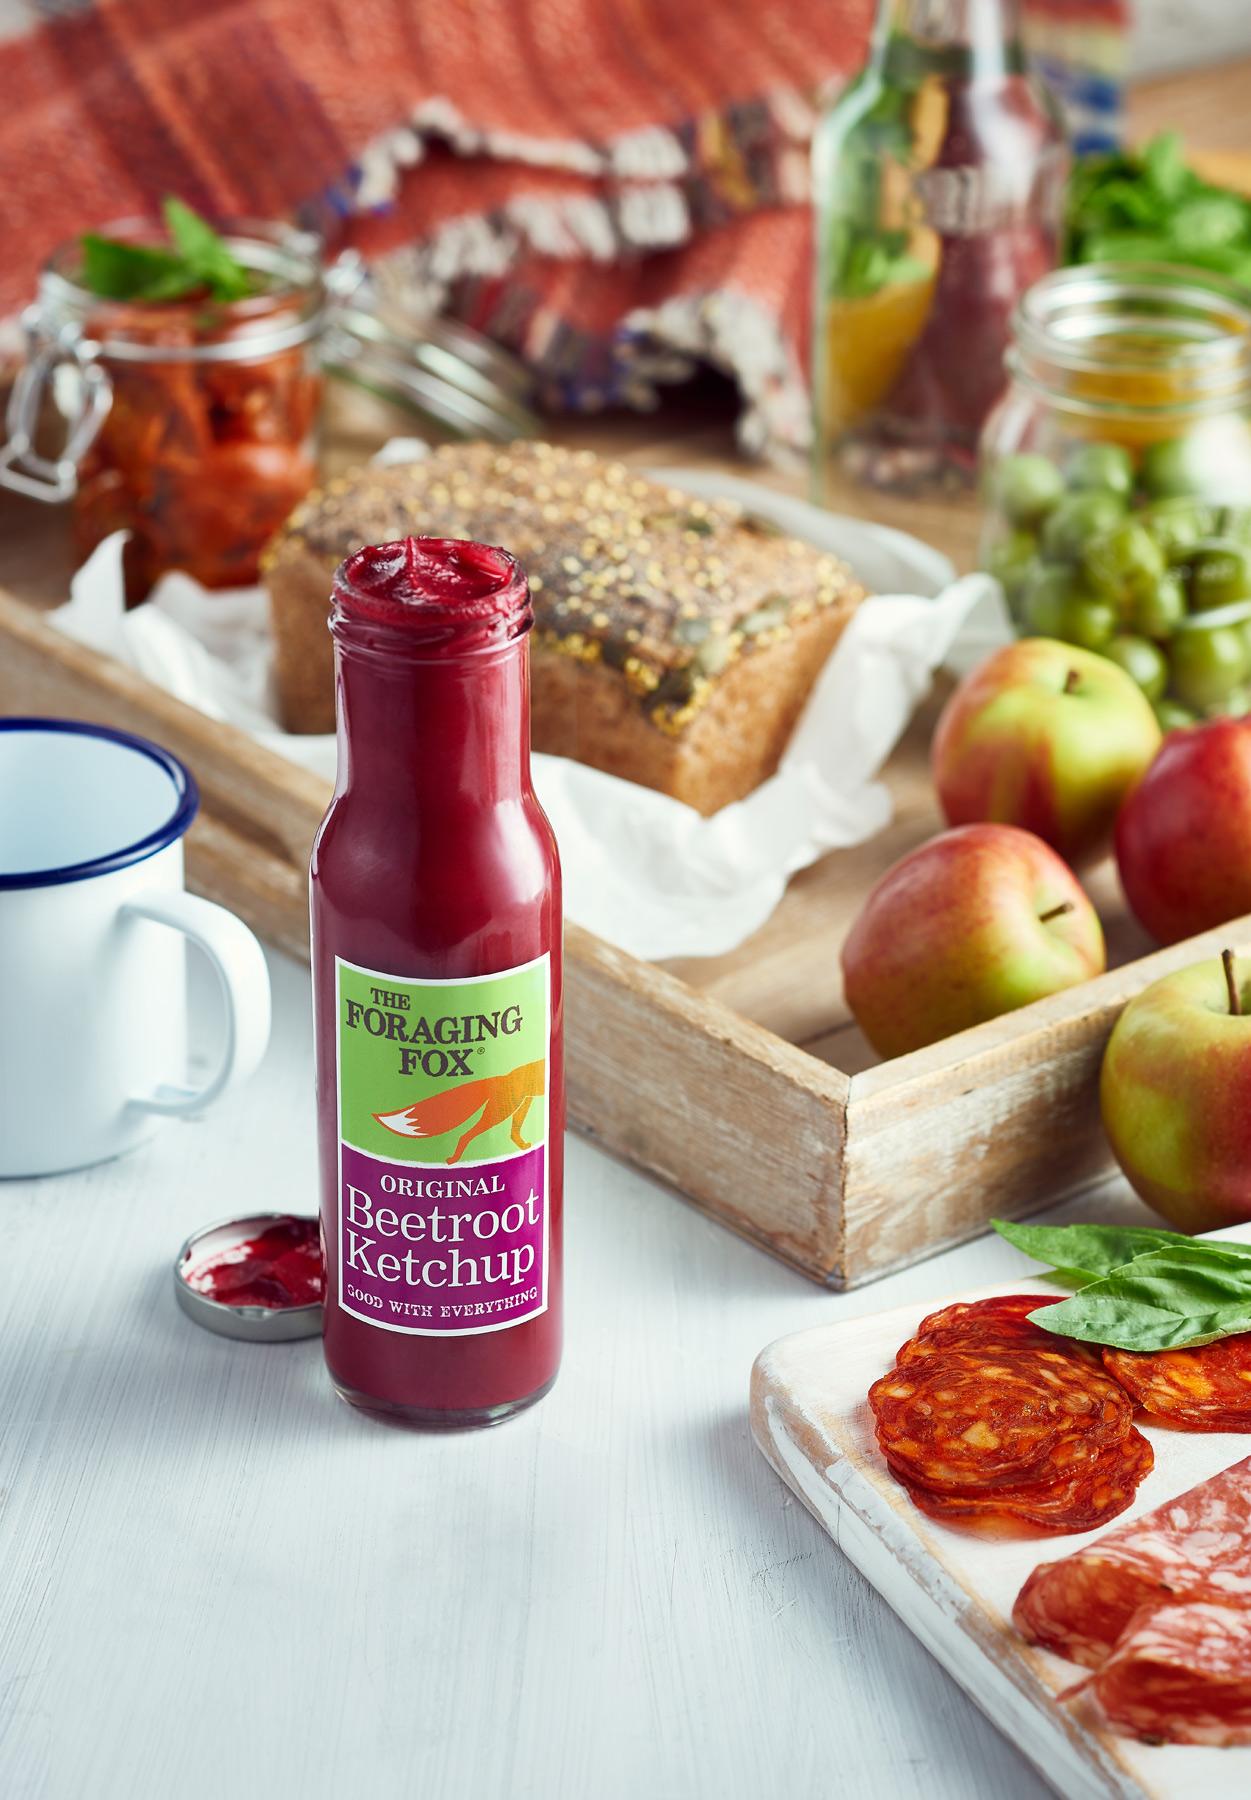 Beetroot Ketchup picnic